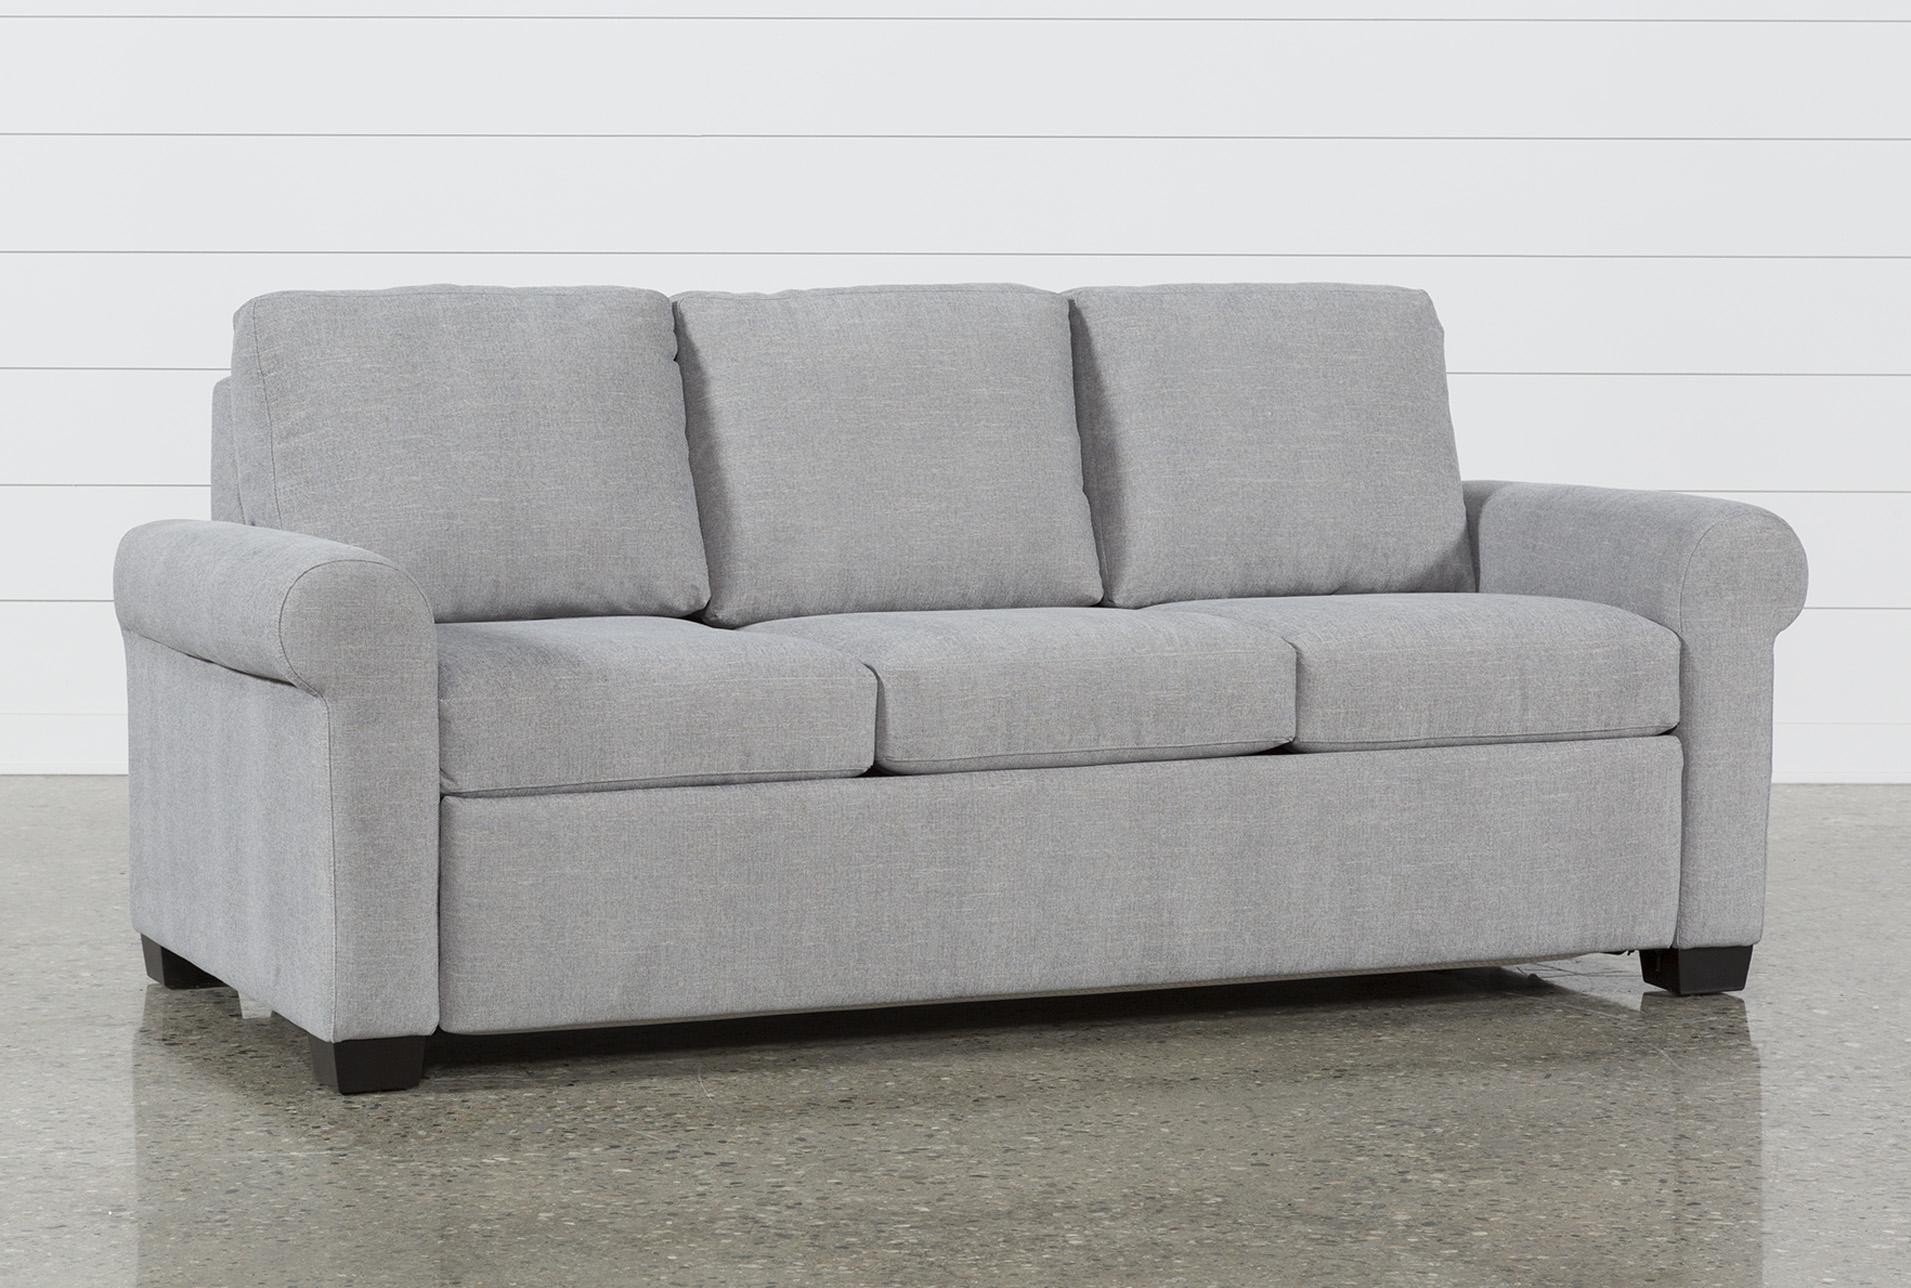 Alexis Silverpine Queen Plus Sofa Sleeper